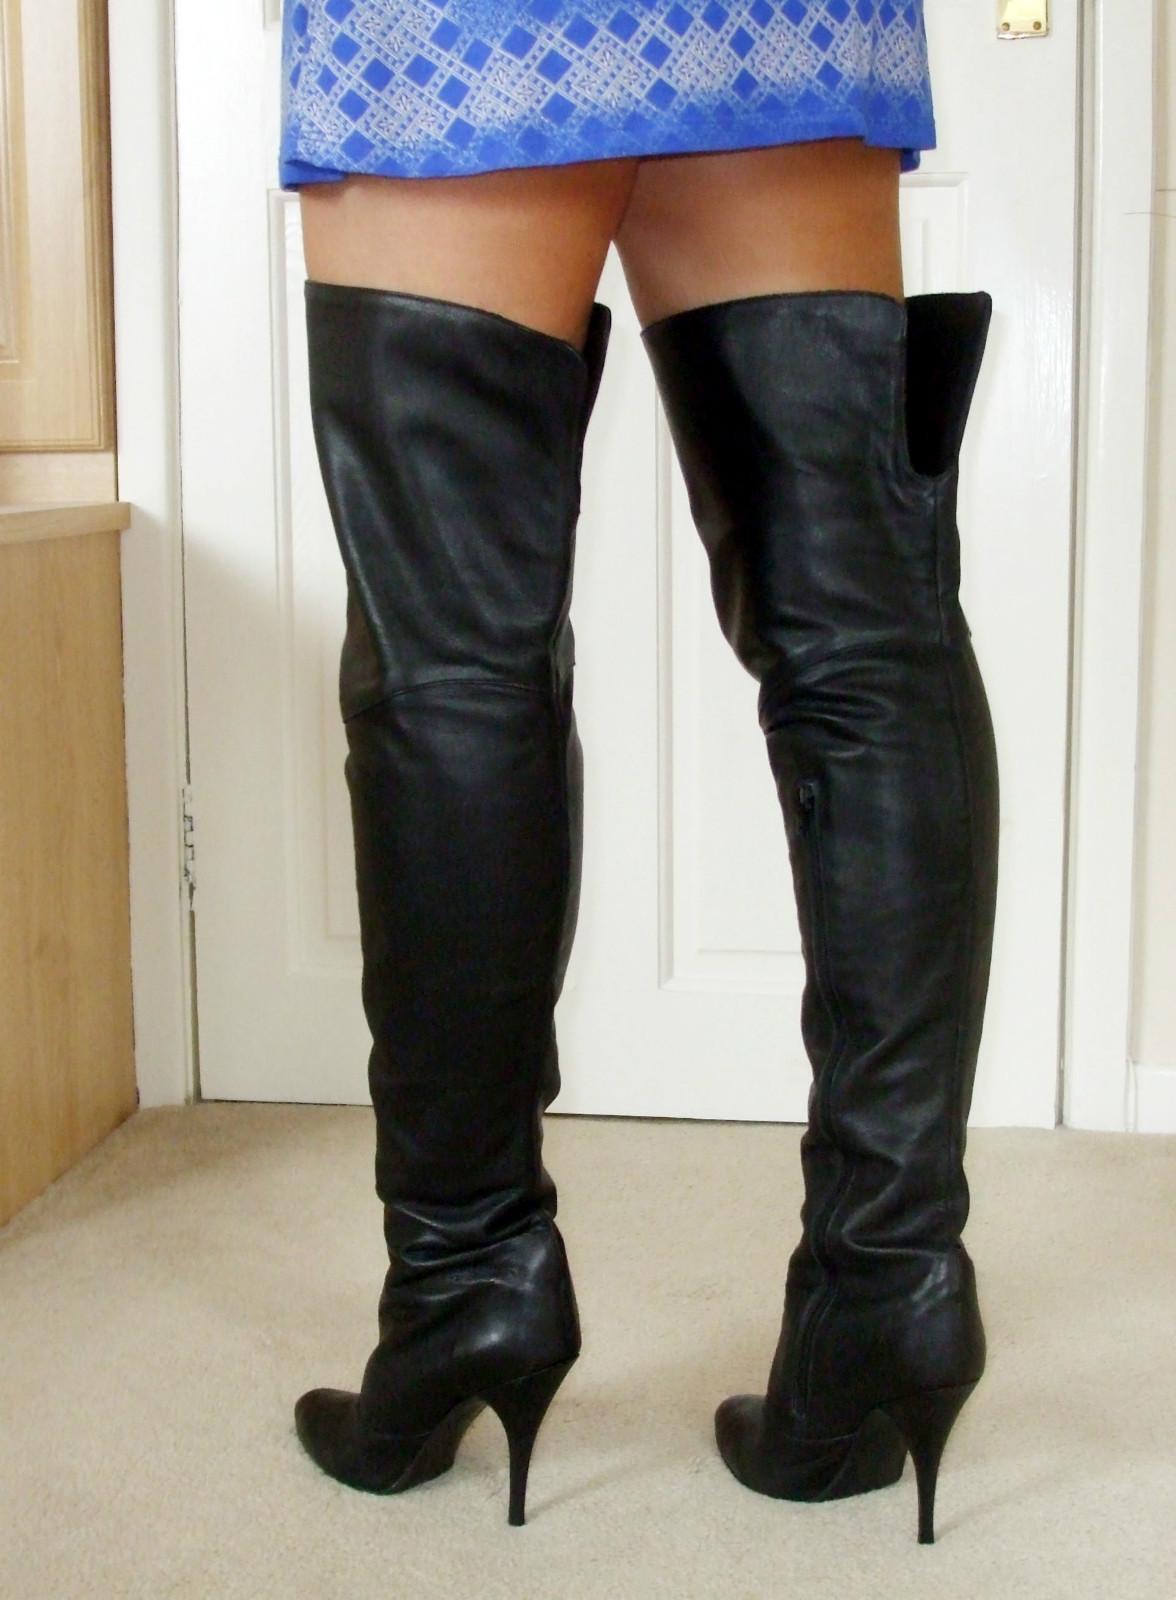 ebay leather a uk seller models some black